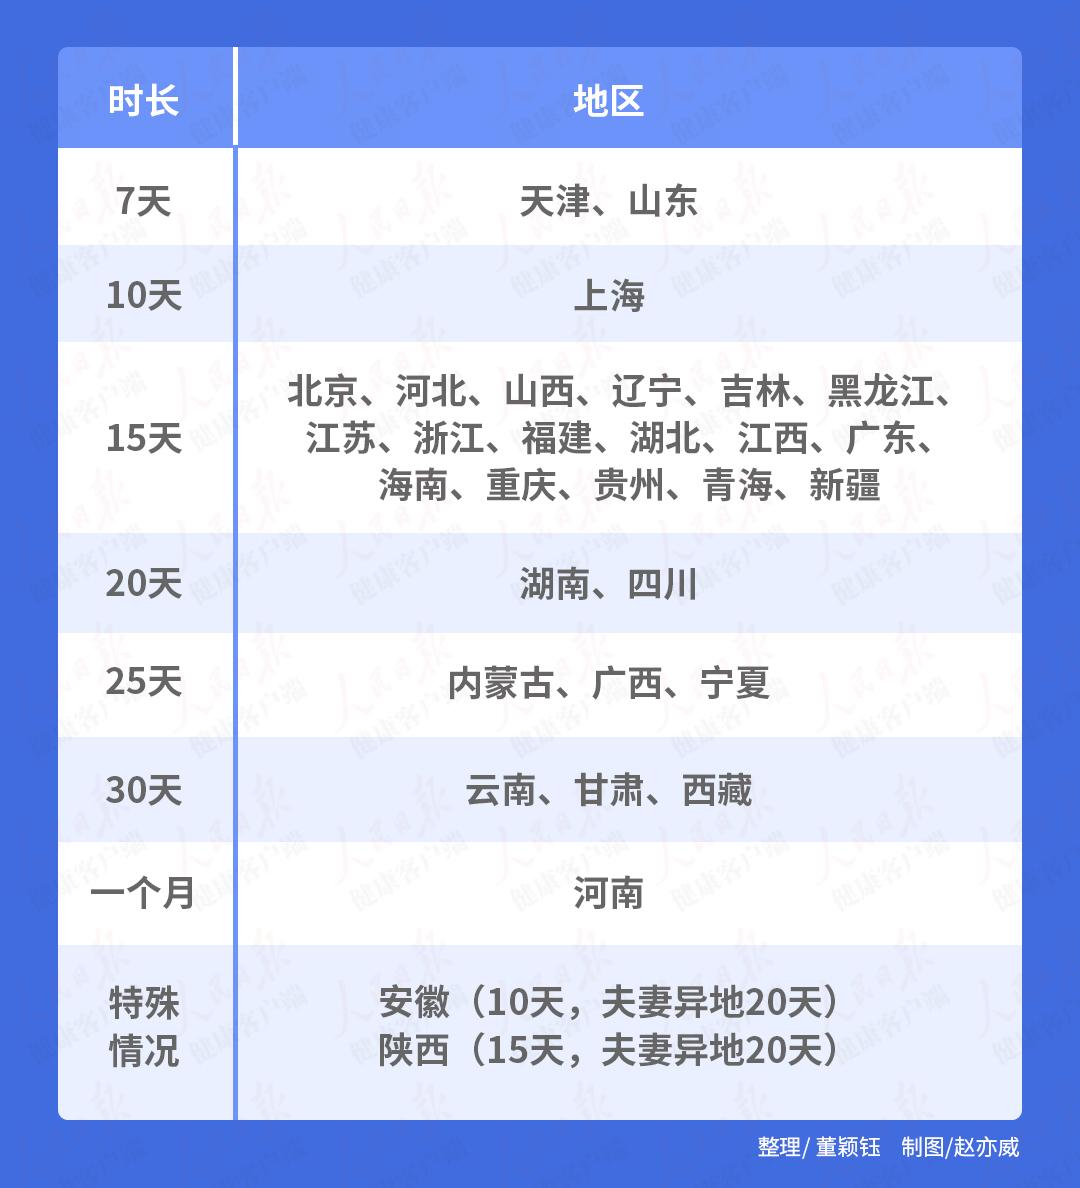 全国陪产假天津山东最短,天津已启动条例修改